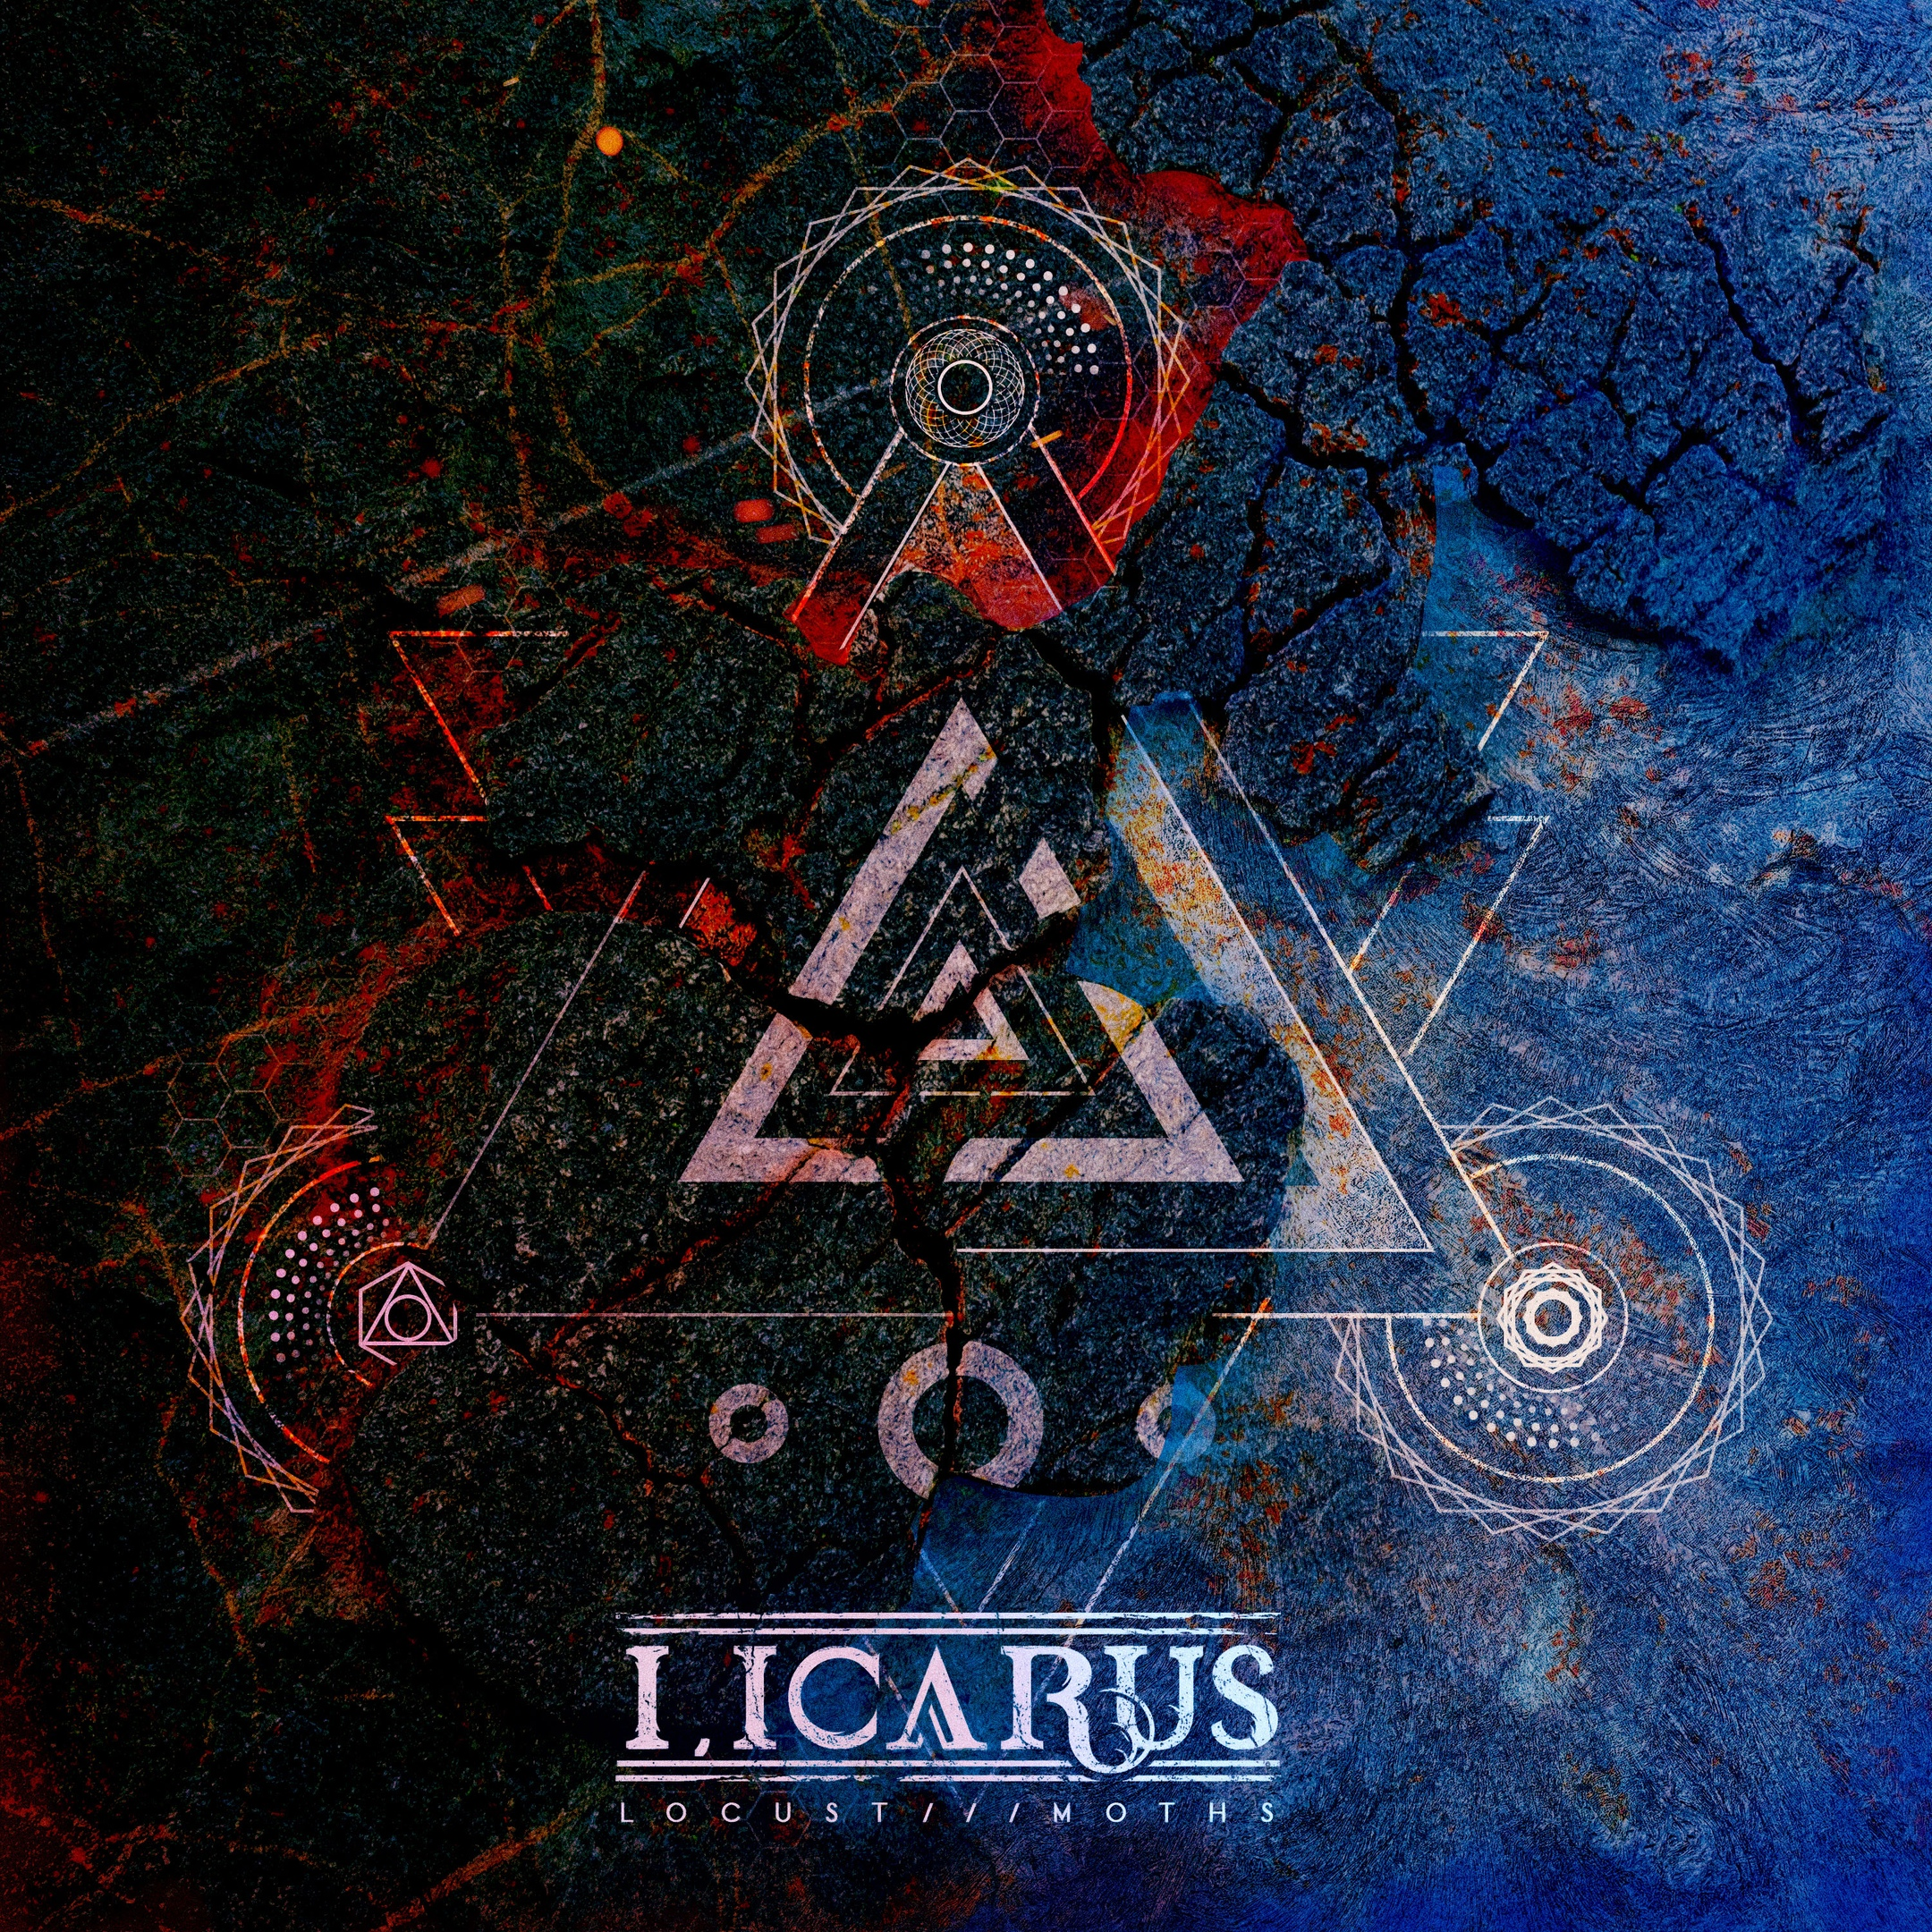 I, Icarus - Locust / Moths (Maxi-Single) (2018)